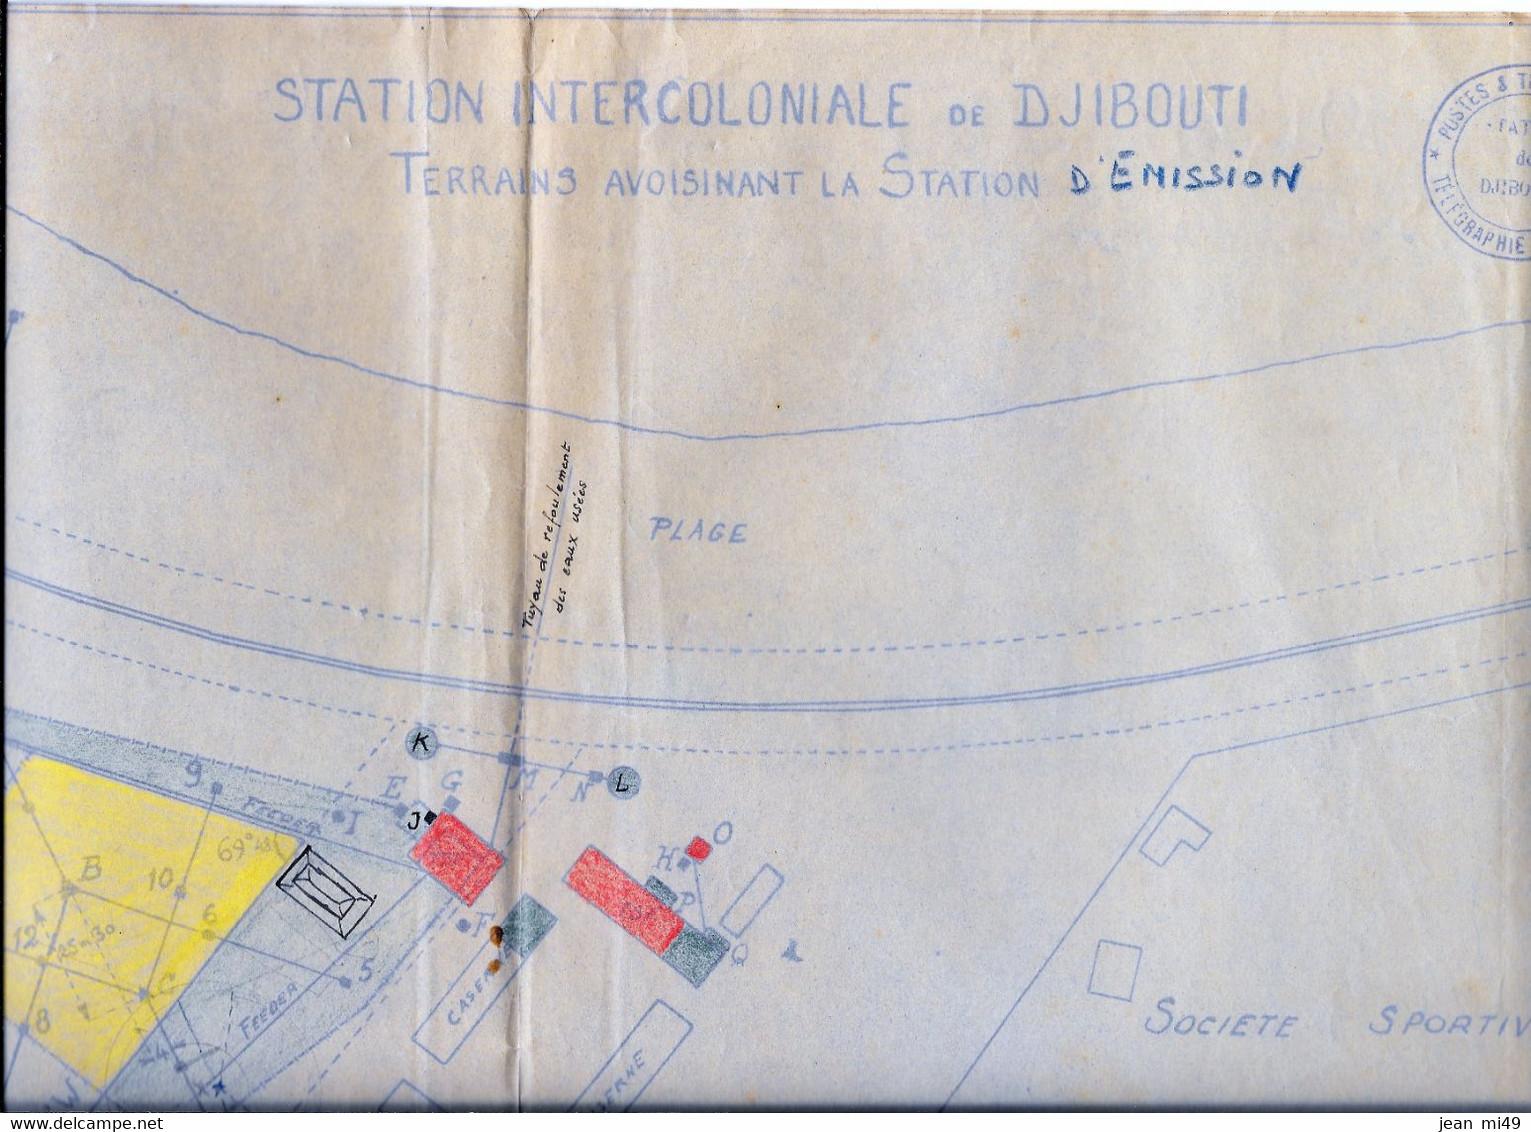 PLAN - STATION INTERCOLONIALE DE DJIBOUTI - Postes Et Télégraphes - Télégraphie Sans Fil -  7/12/1936 - World